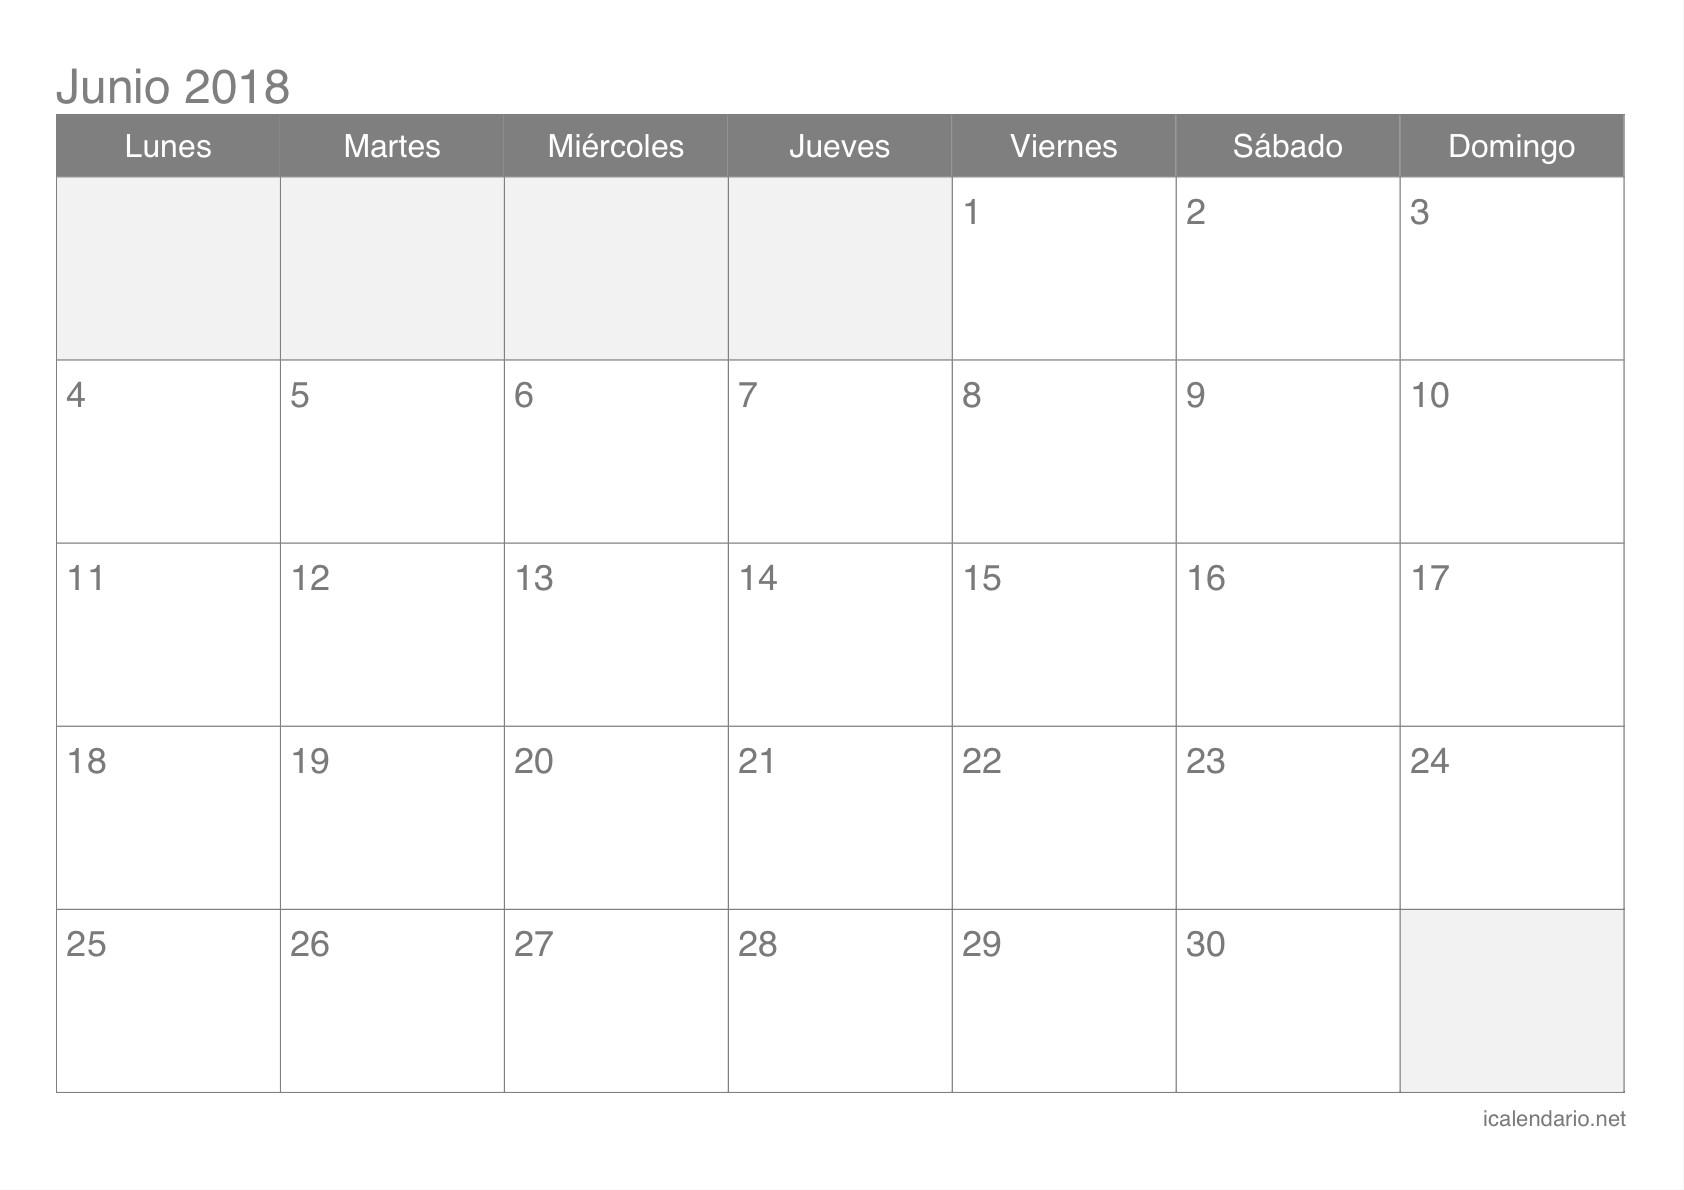 Calendario De Vacunacion 2019 Para Imprimir Más Actual Calendario De Meses De Embarazo Of Calendario De Vacunacion 2019 Para Imprimir Más Populares Hist³rico De Noticias